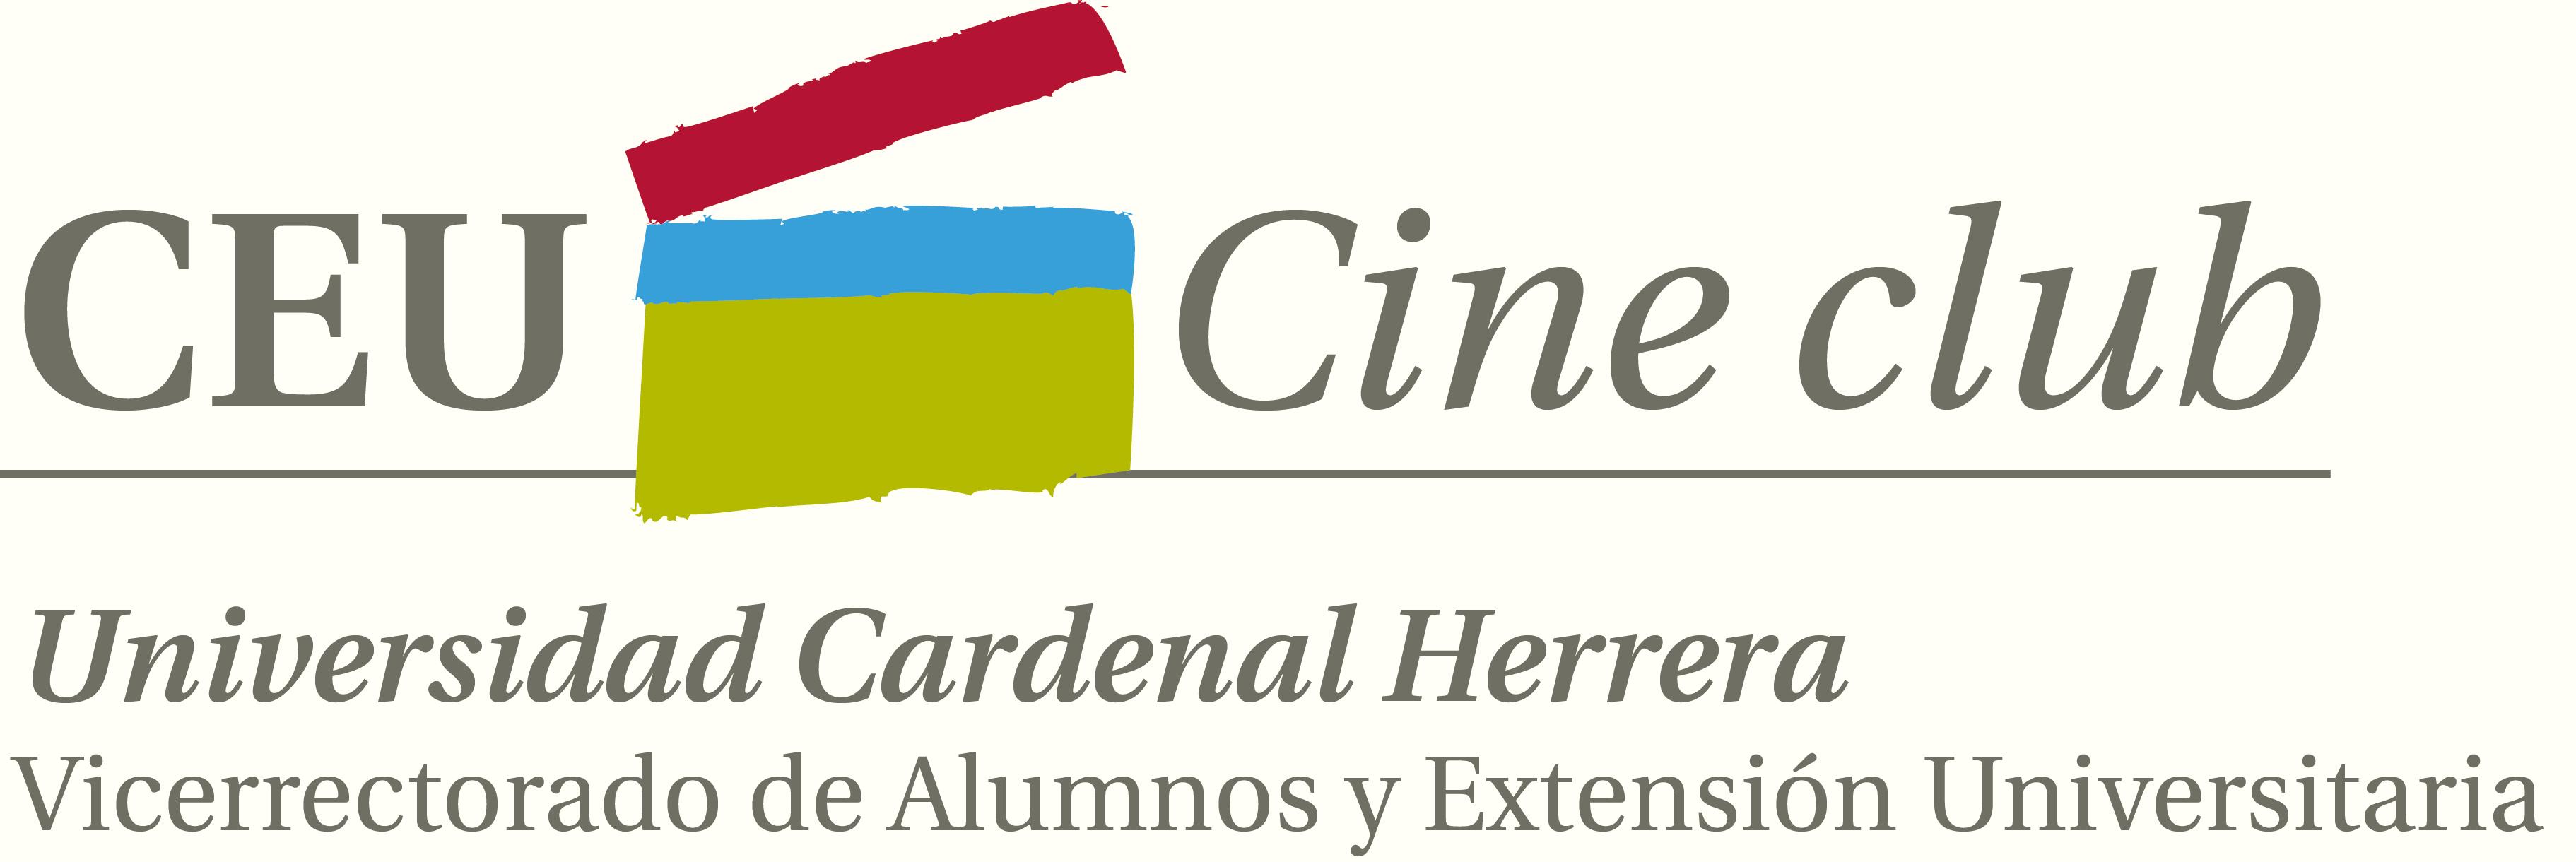 Logo CEU-cineclub